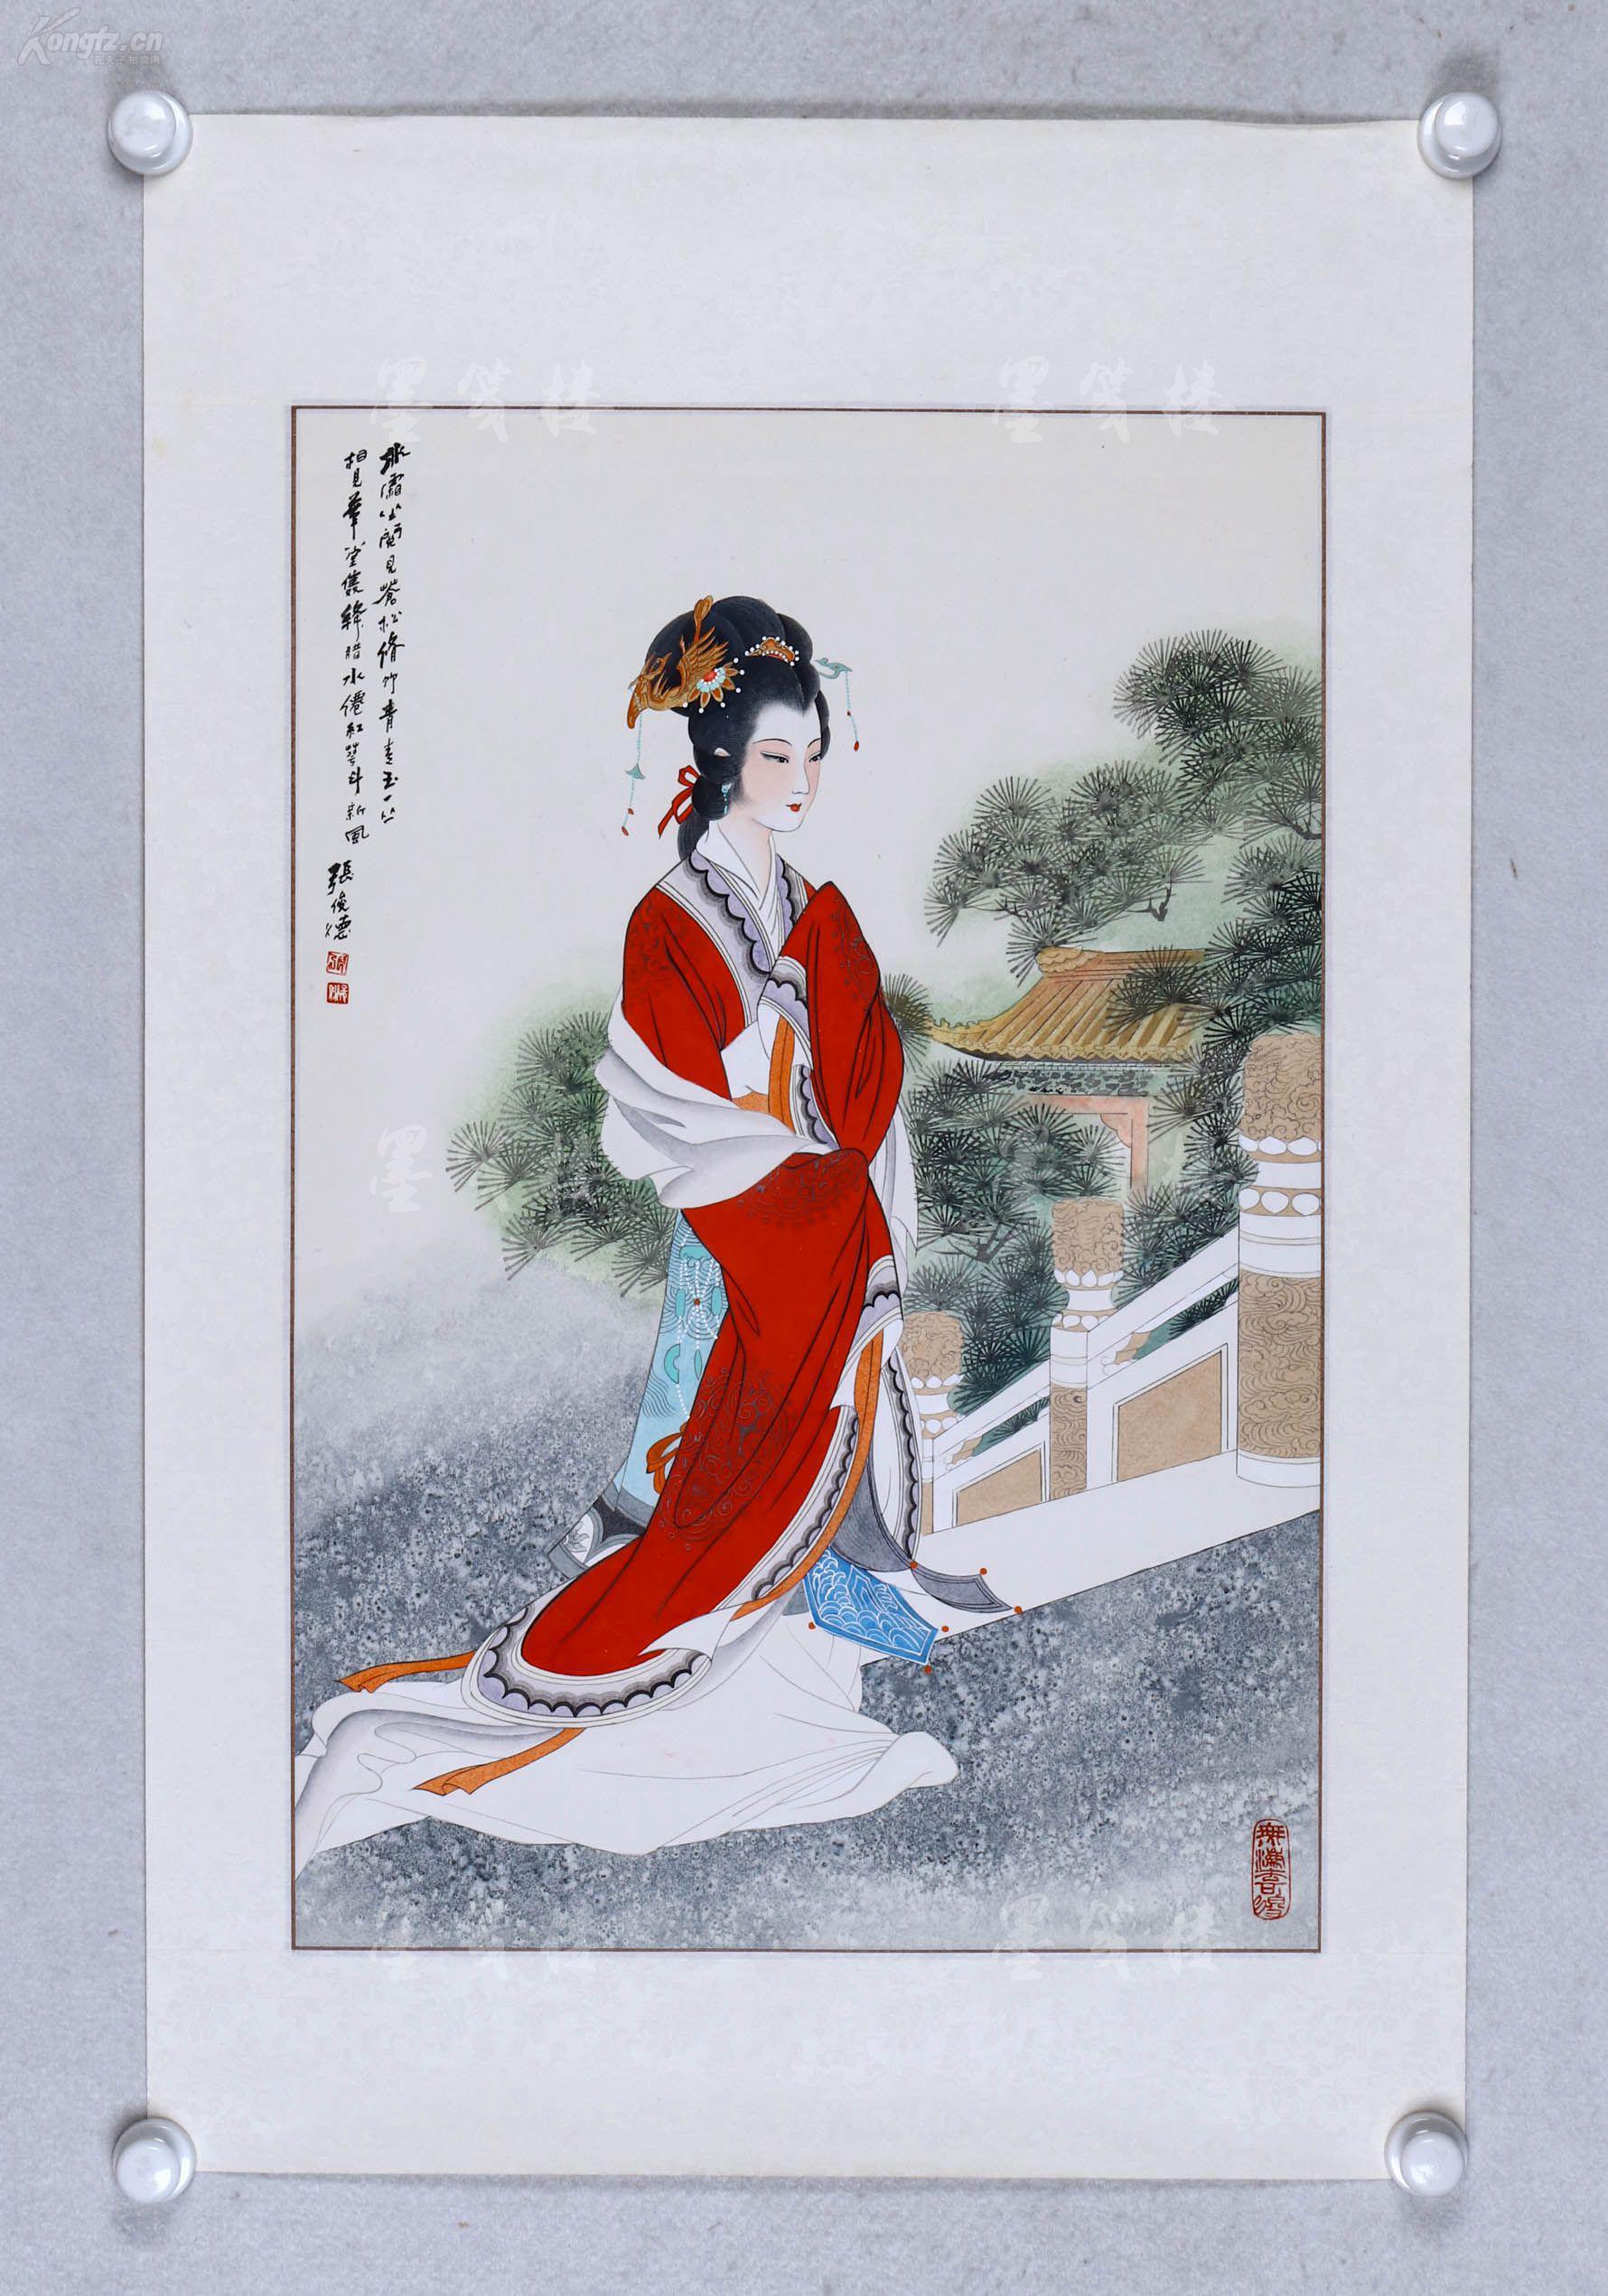 曹�NiY�[���h^[�_曹-春-生旧藏:著名美术家,内蒙古中国画院院长 张俊德 工笔人物画作品